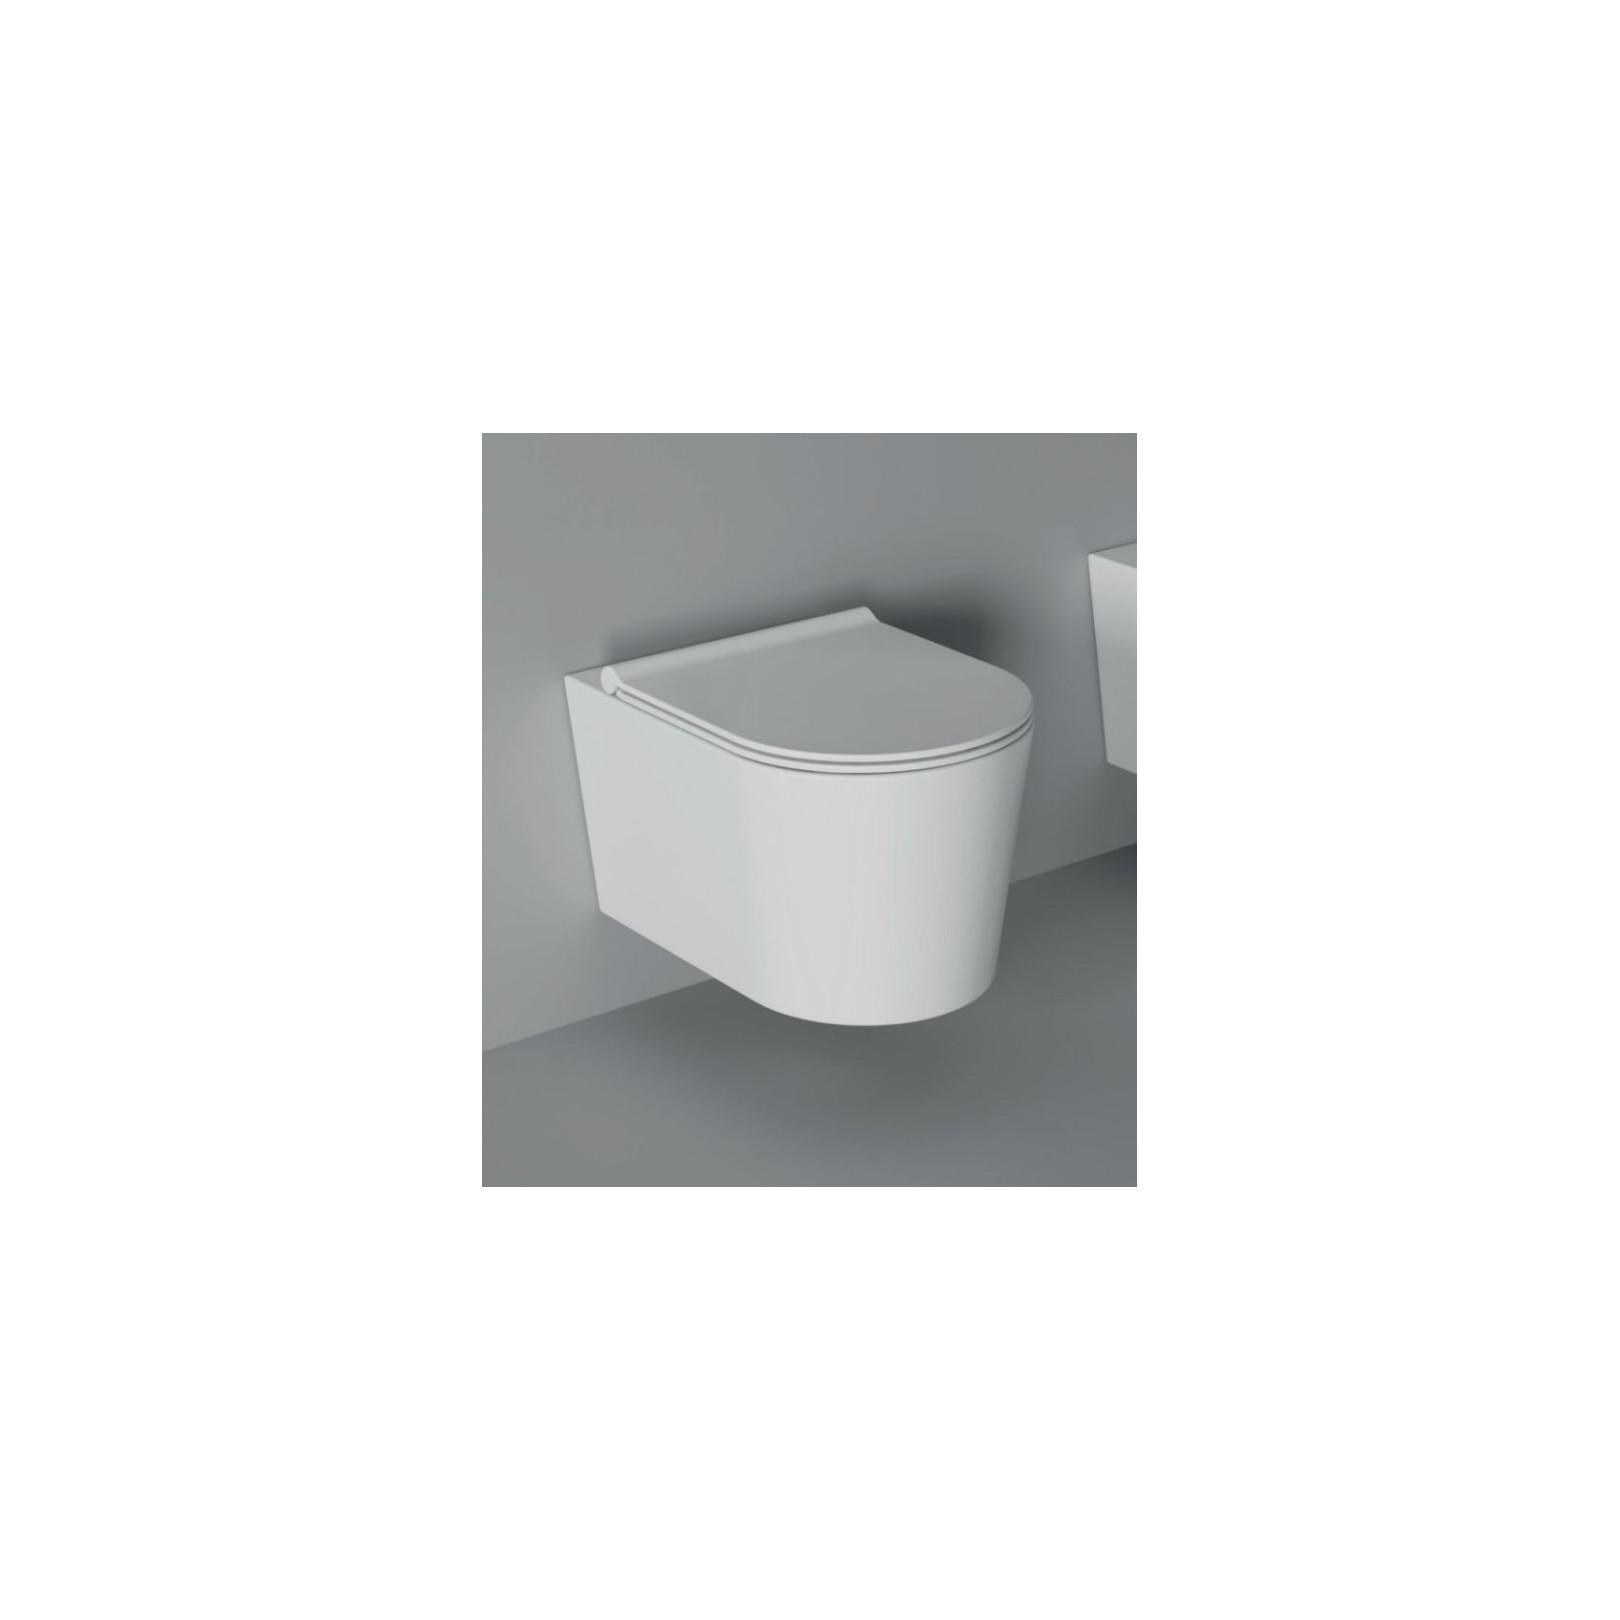 WC suspendu Form 50x35cm avec abattant (14 couleurs) ref. 22300101